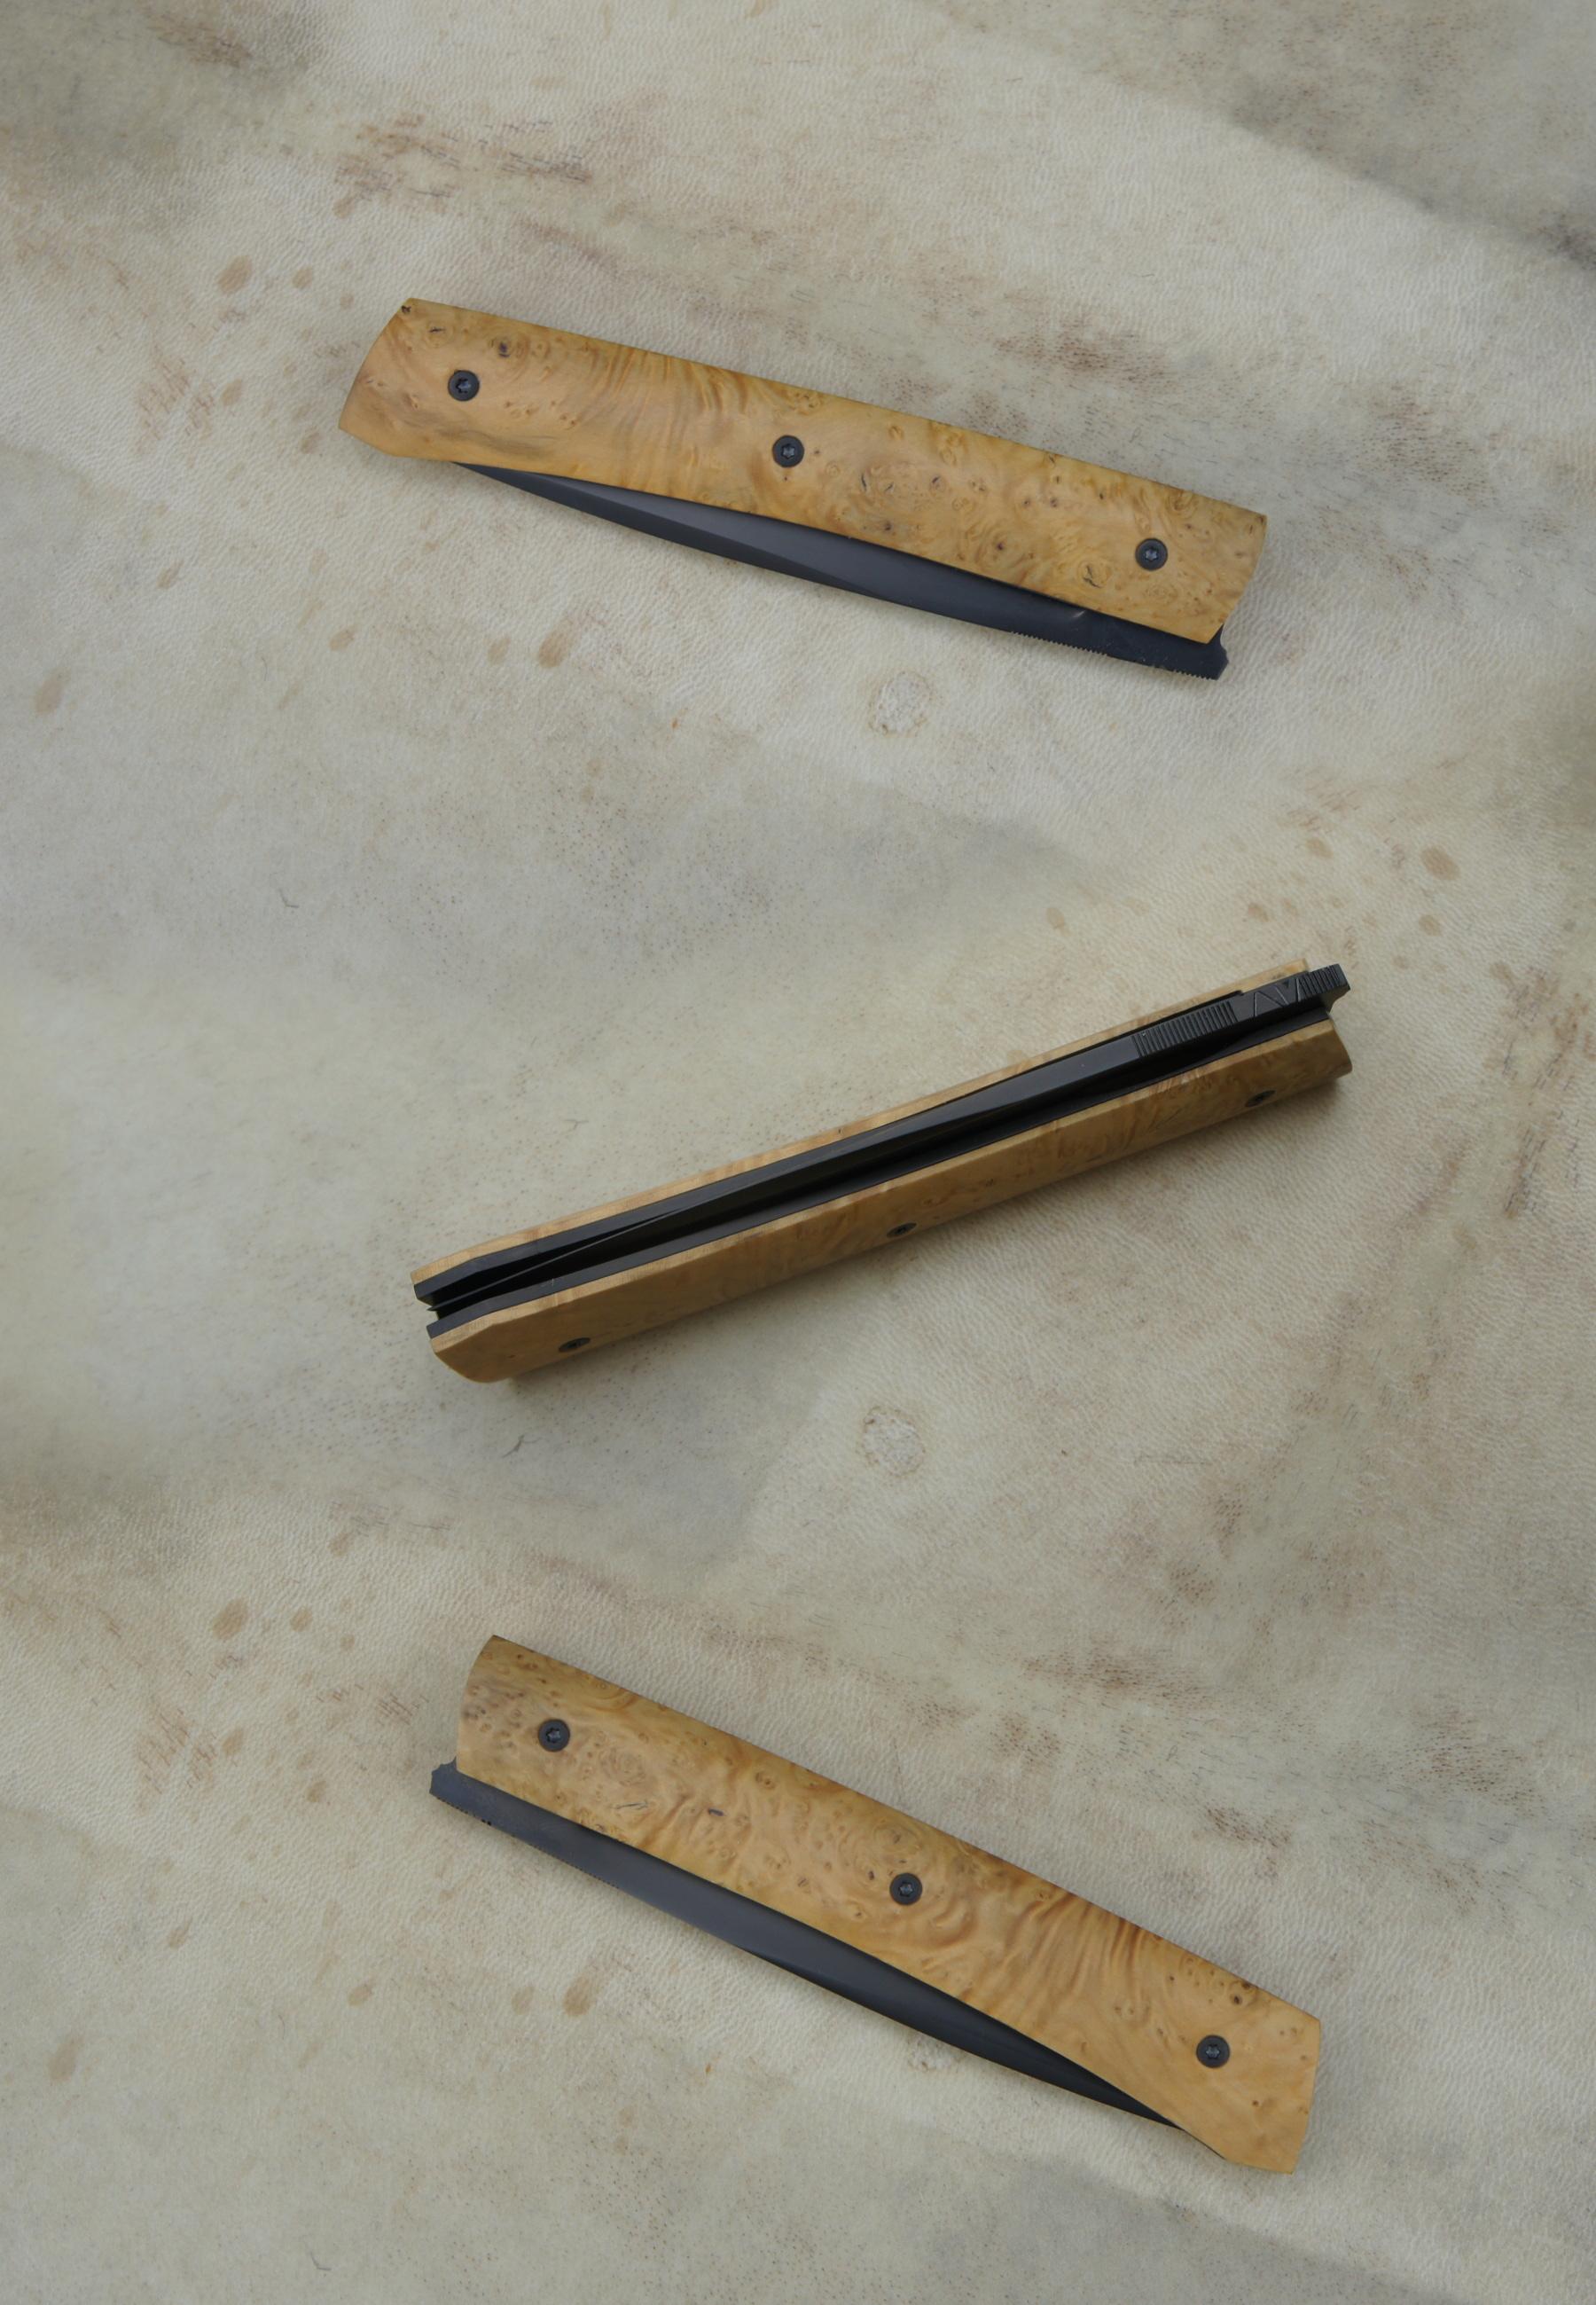 Reka 14c28n et loupe de buis stabilisée - BdB